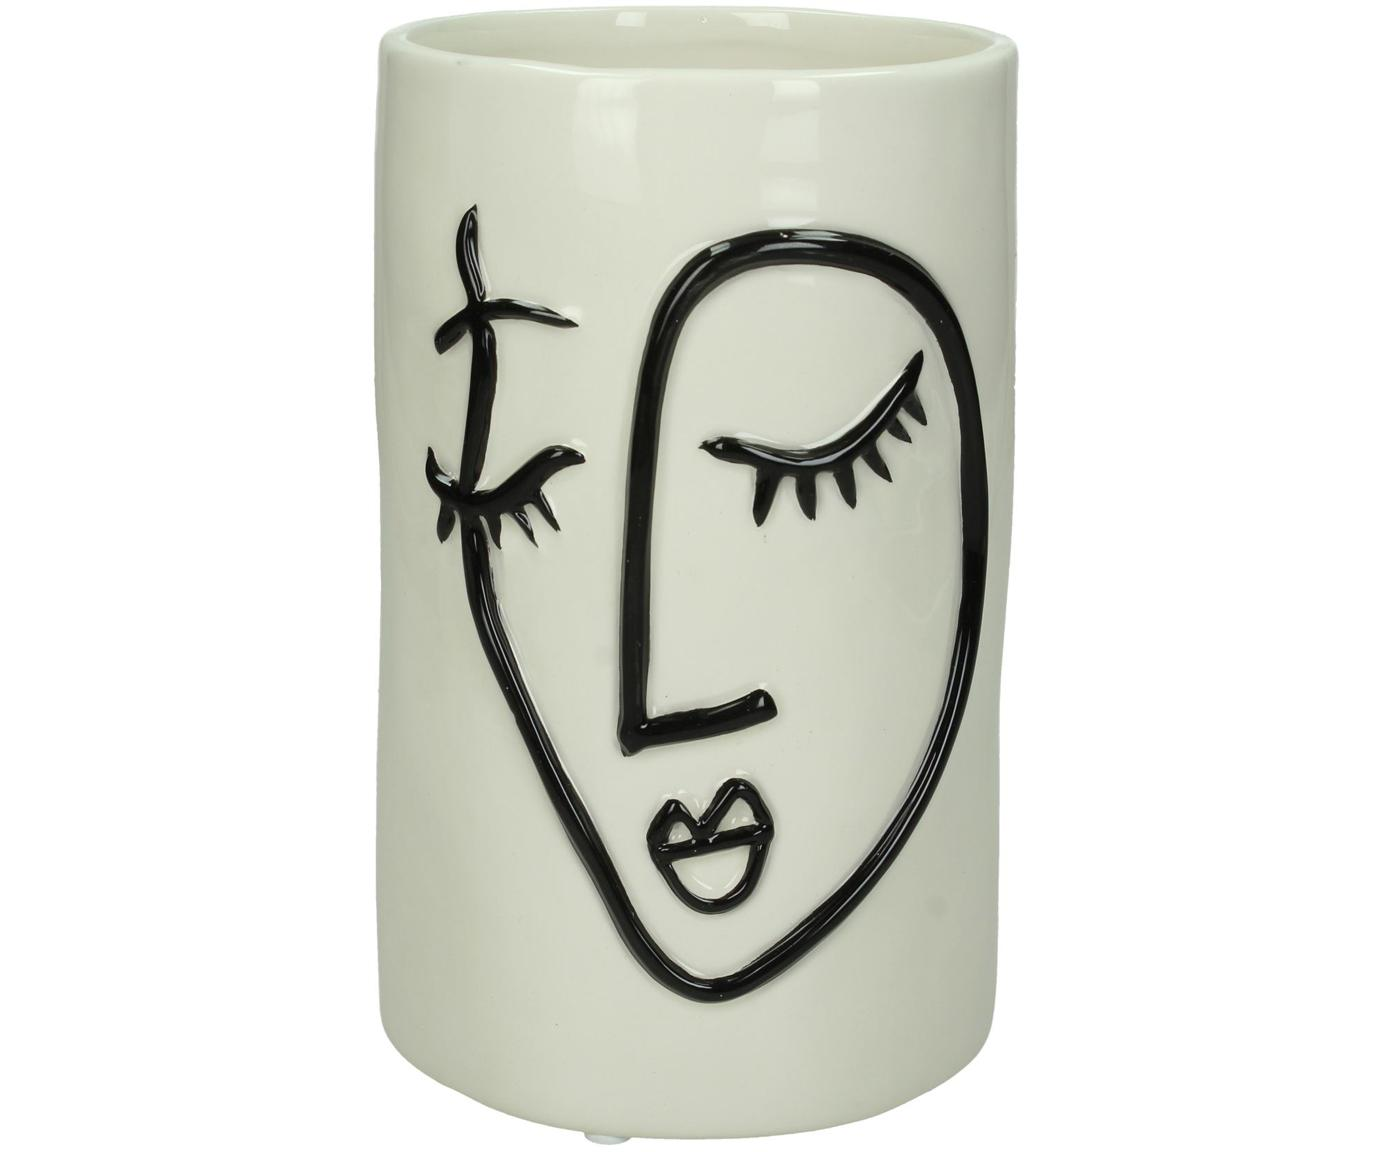 Plantenpot Face, Keramiek, Gebroken wit, zwart, Ø 11 x H 18 cm